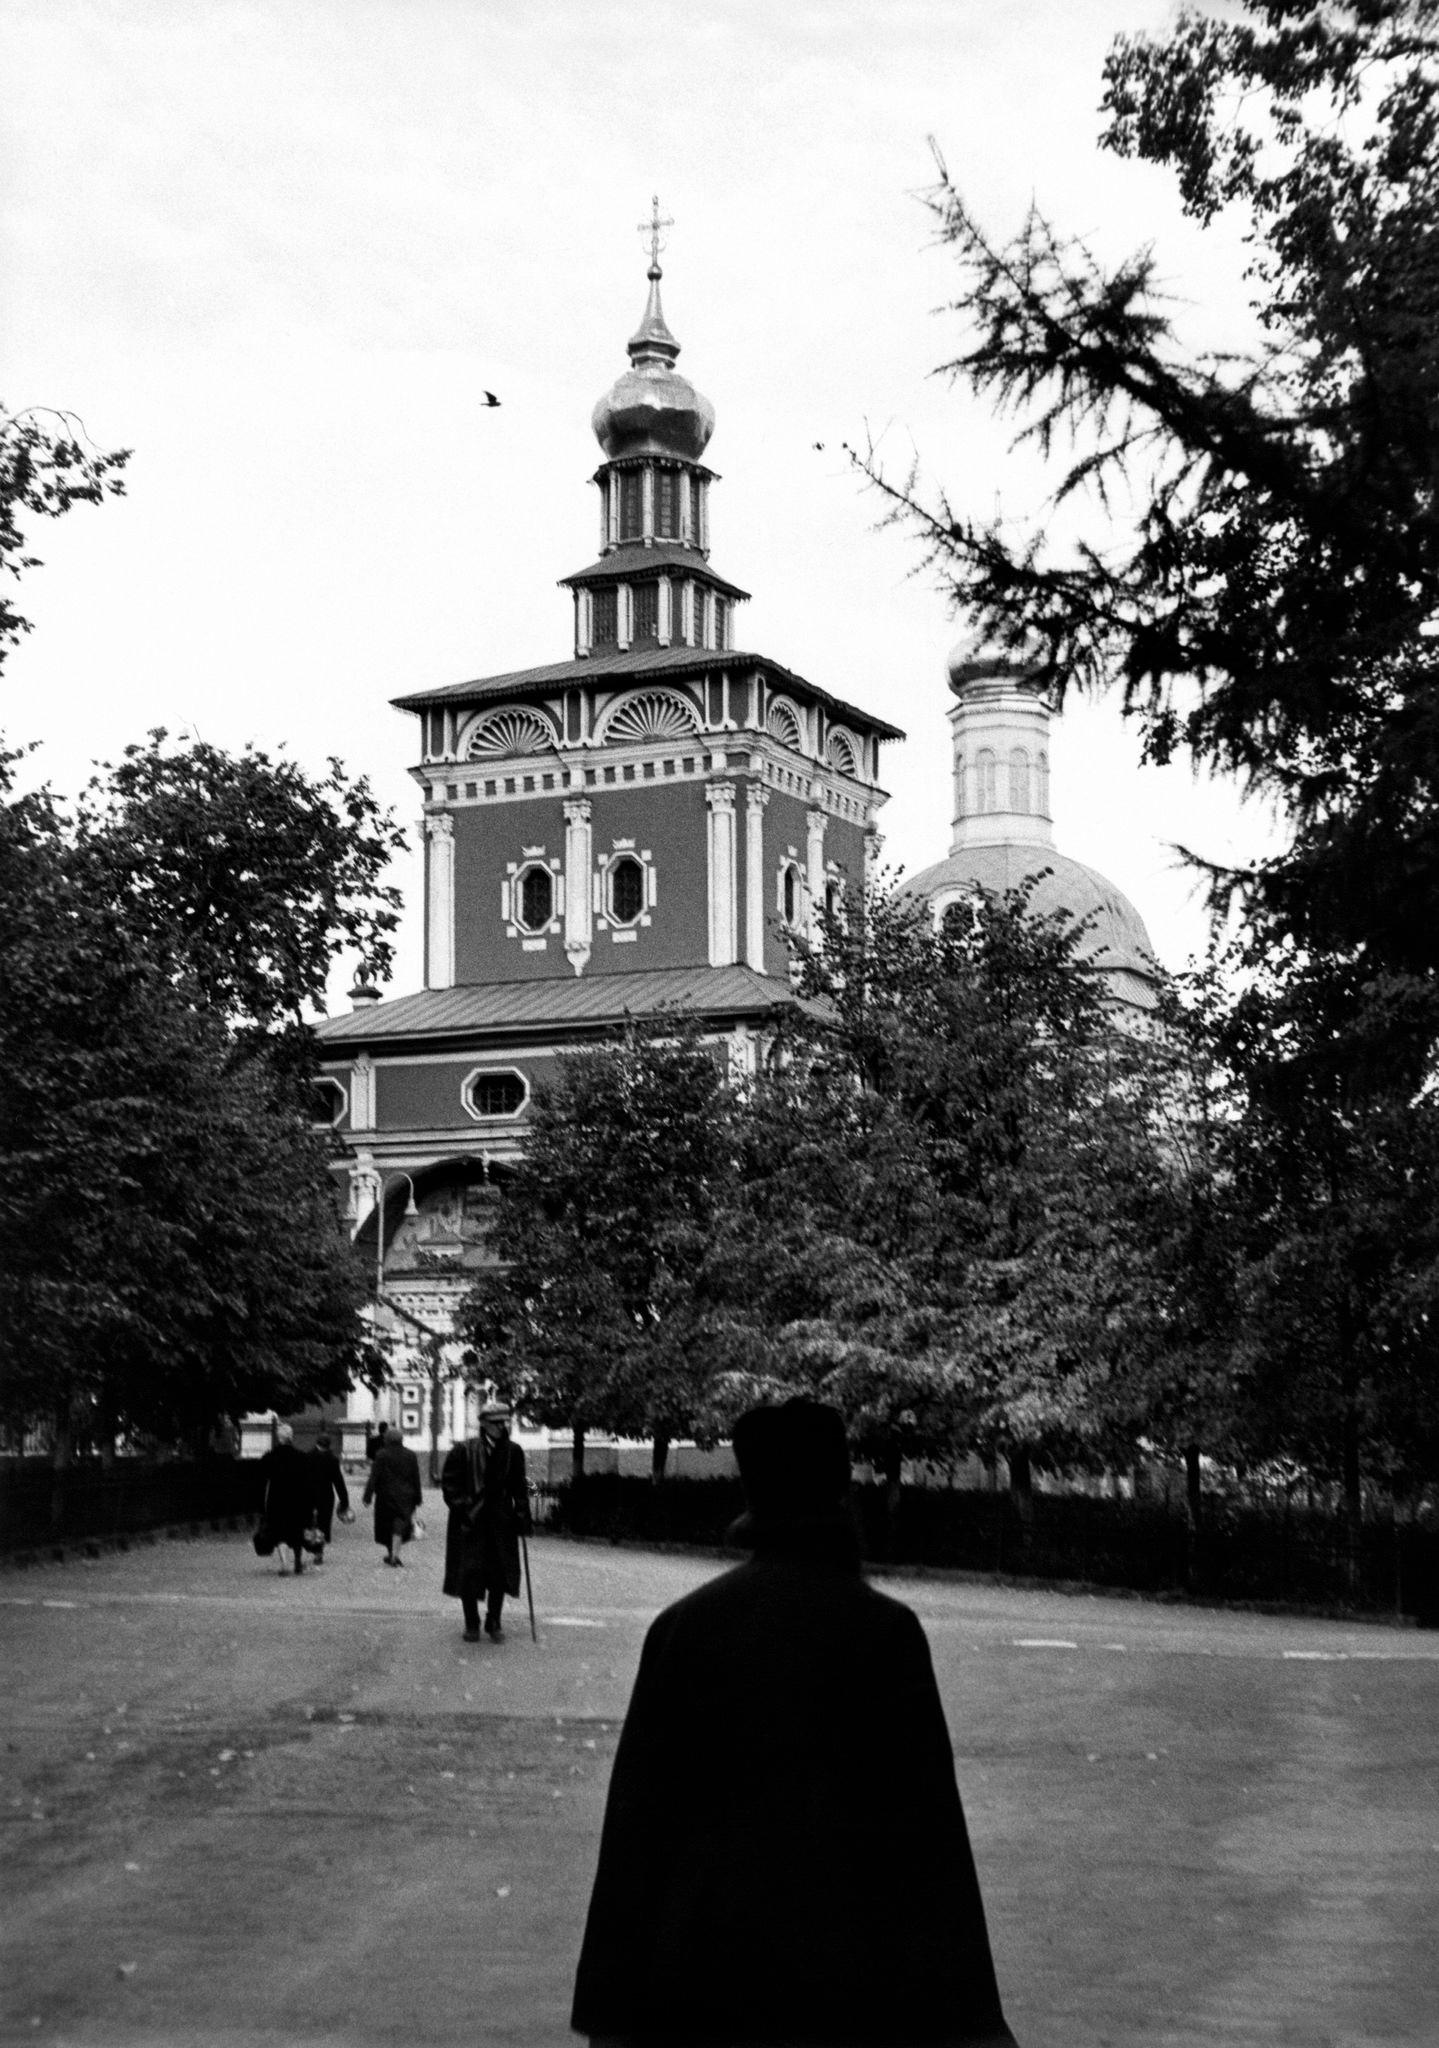 Загорск. Троице-Сергиева лавра. Церковь Рождества Иоанна Предтечи.jpg